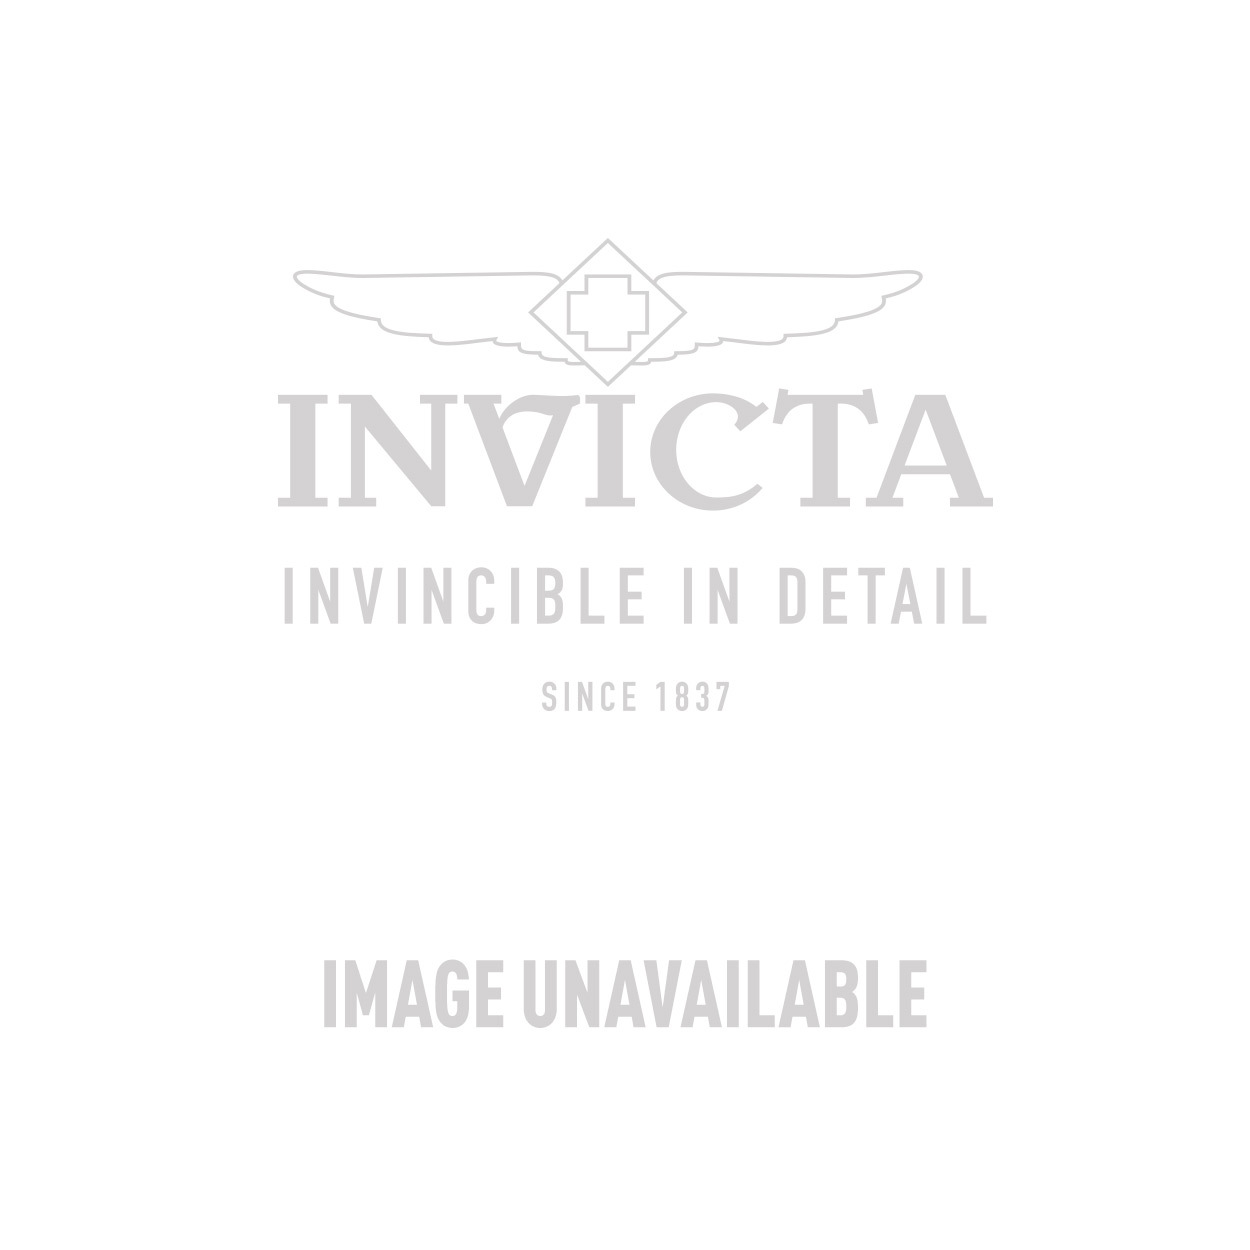 Invicta Model 25564